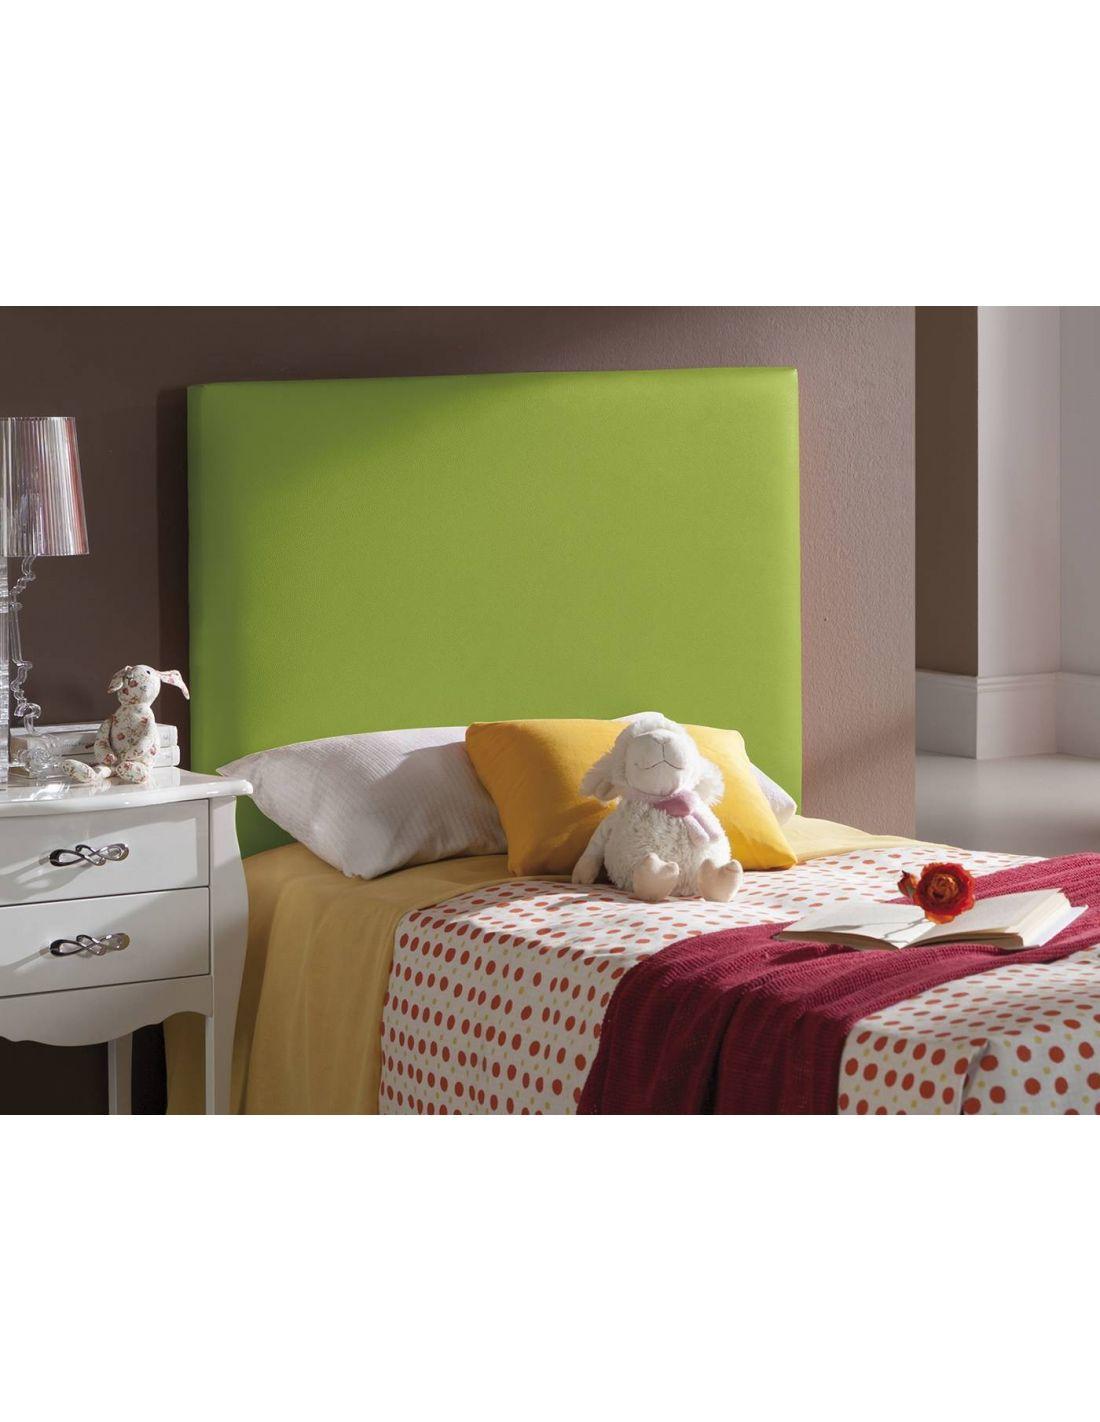 Cabeceros infantiles color pistacho tienda de cabezales for Almacenes de camas en ibague